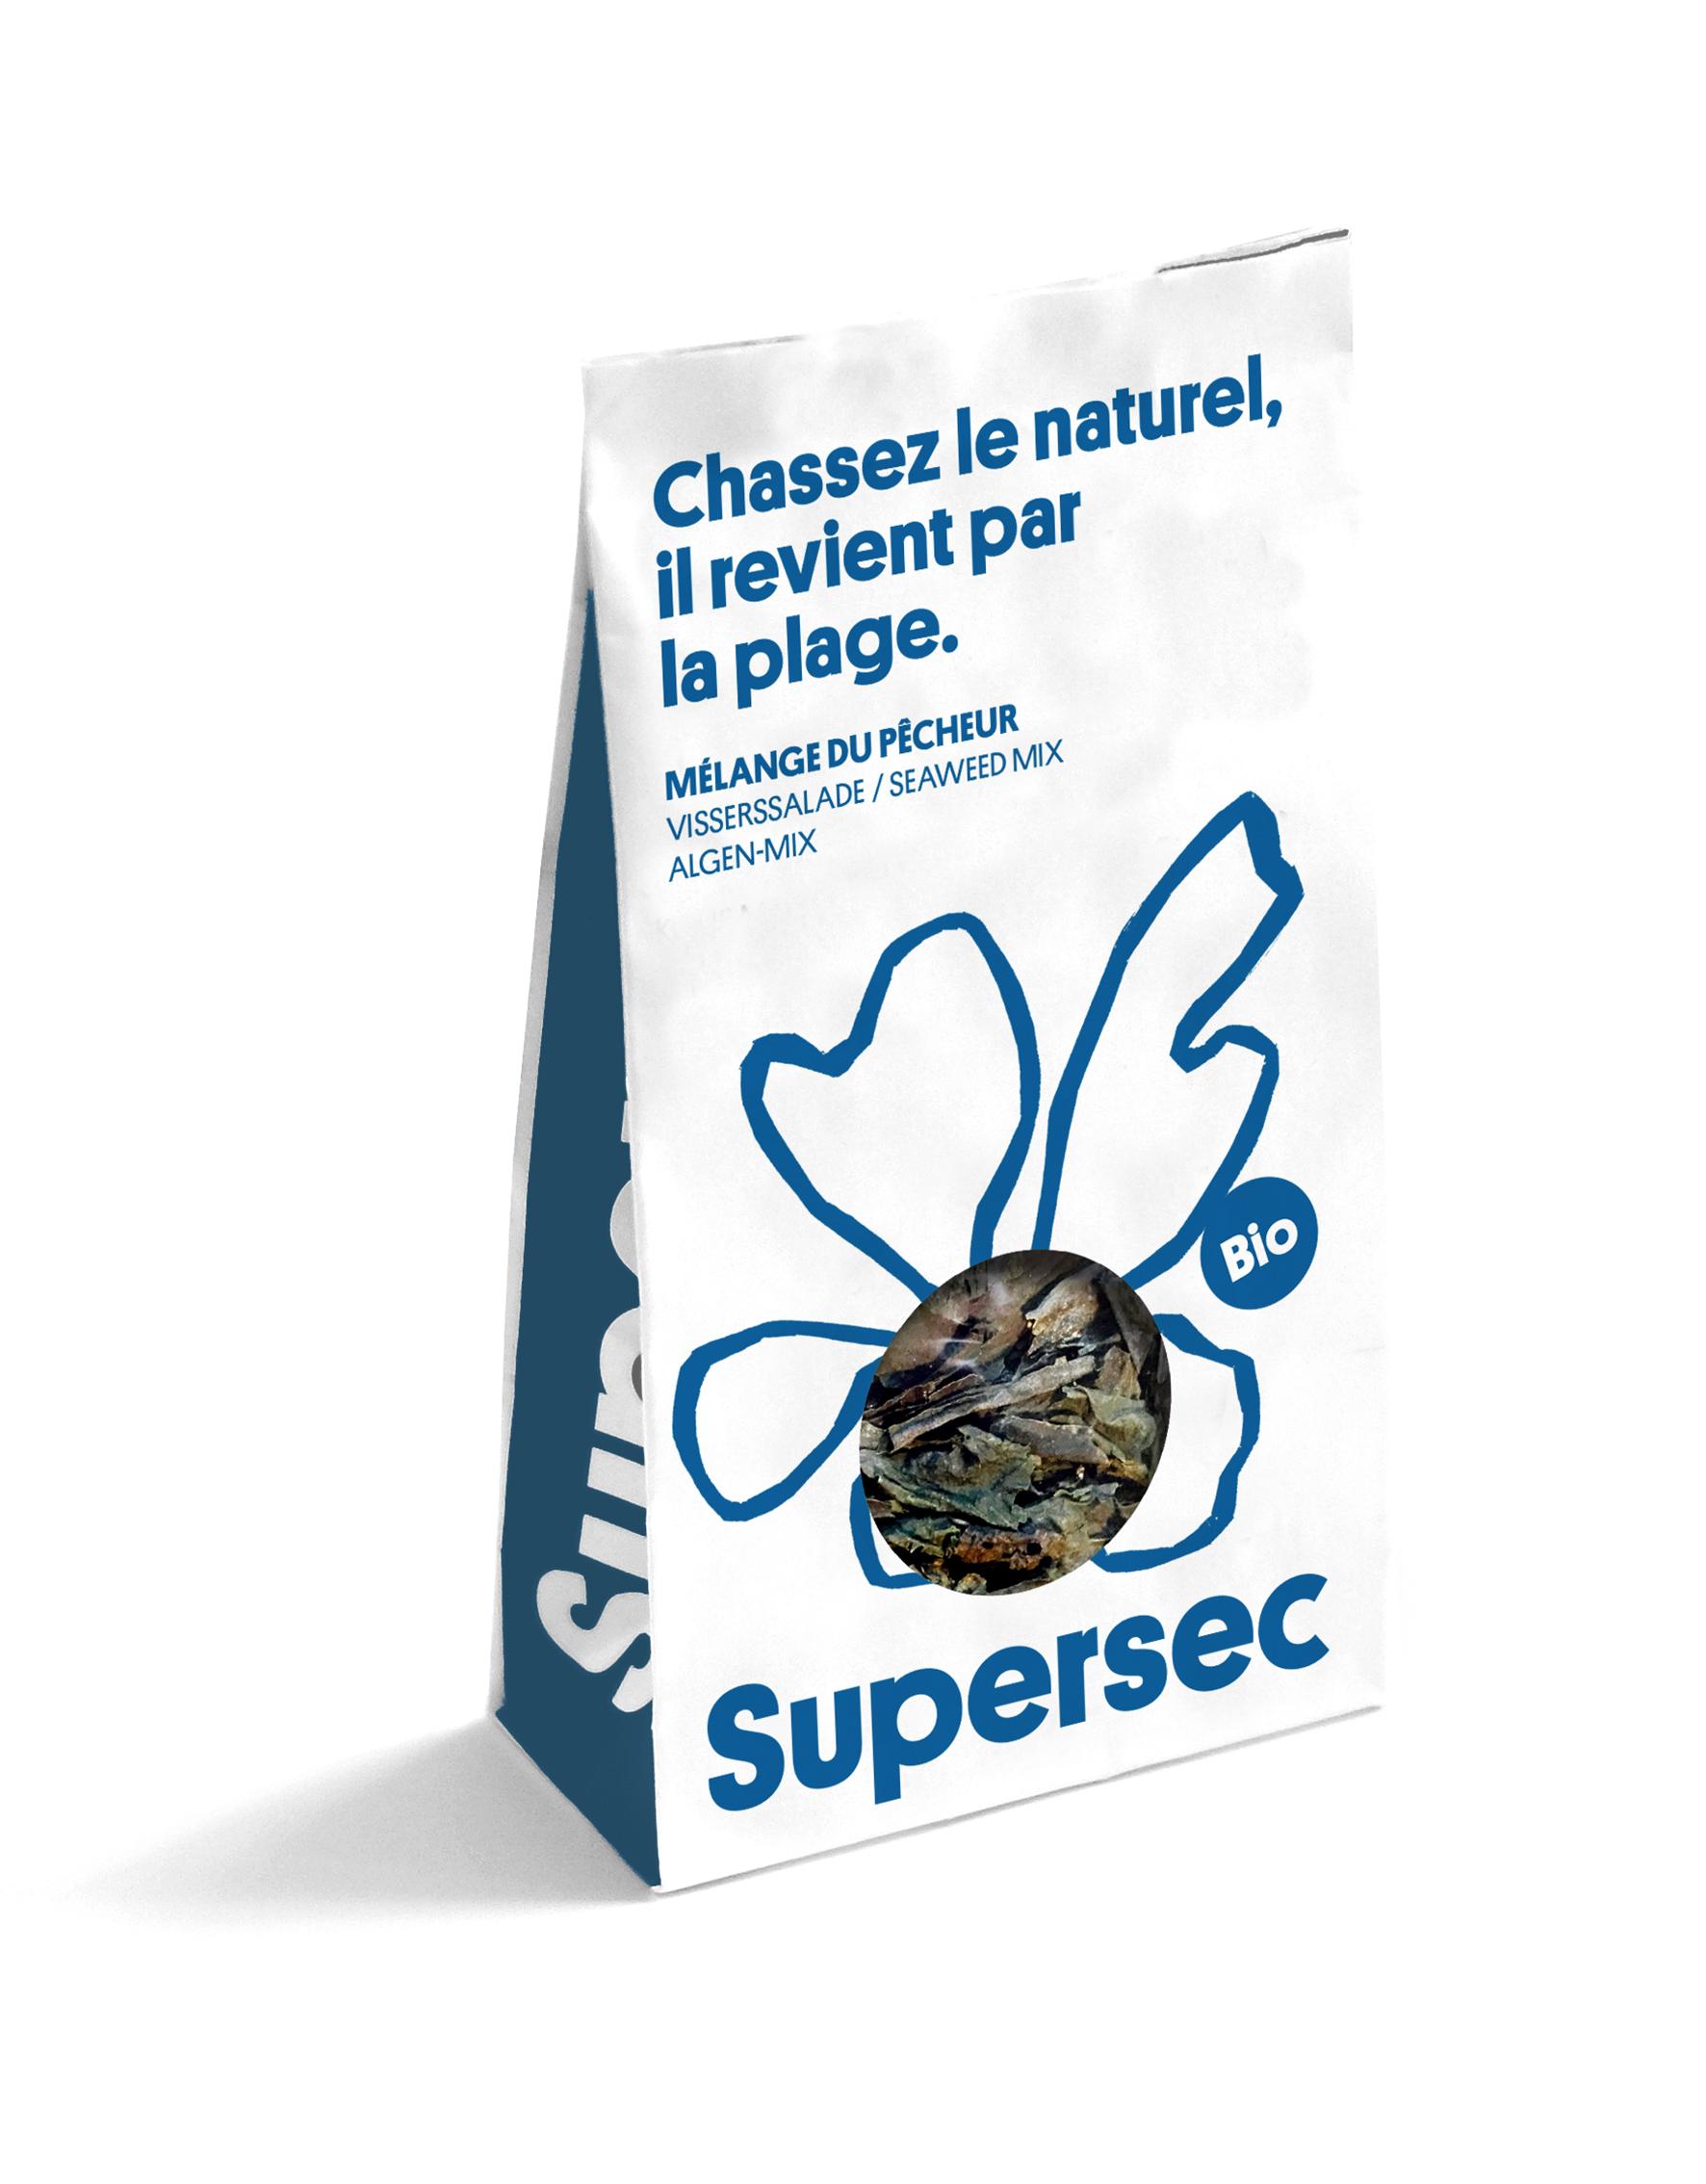 mélange du pécheur, un mélange d'algues bio séchée par Supersec